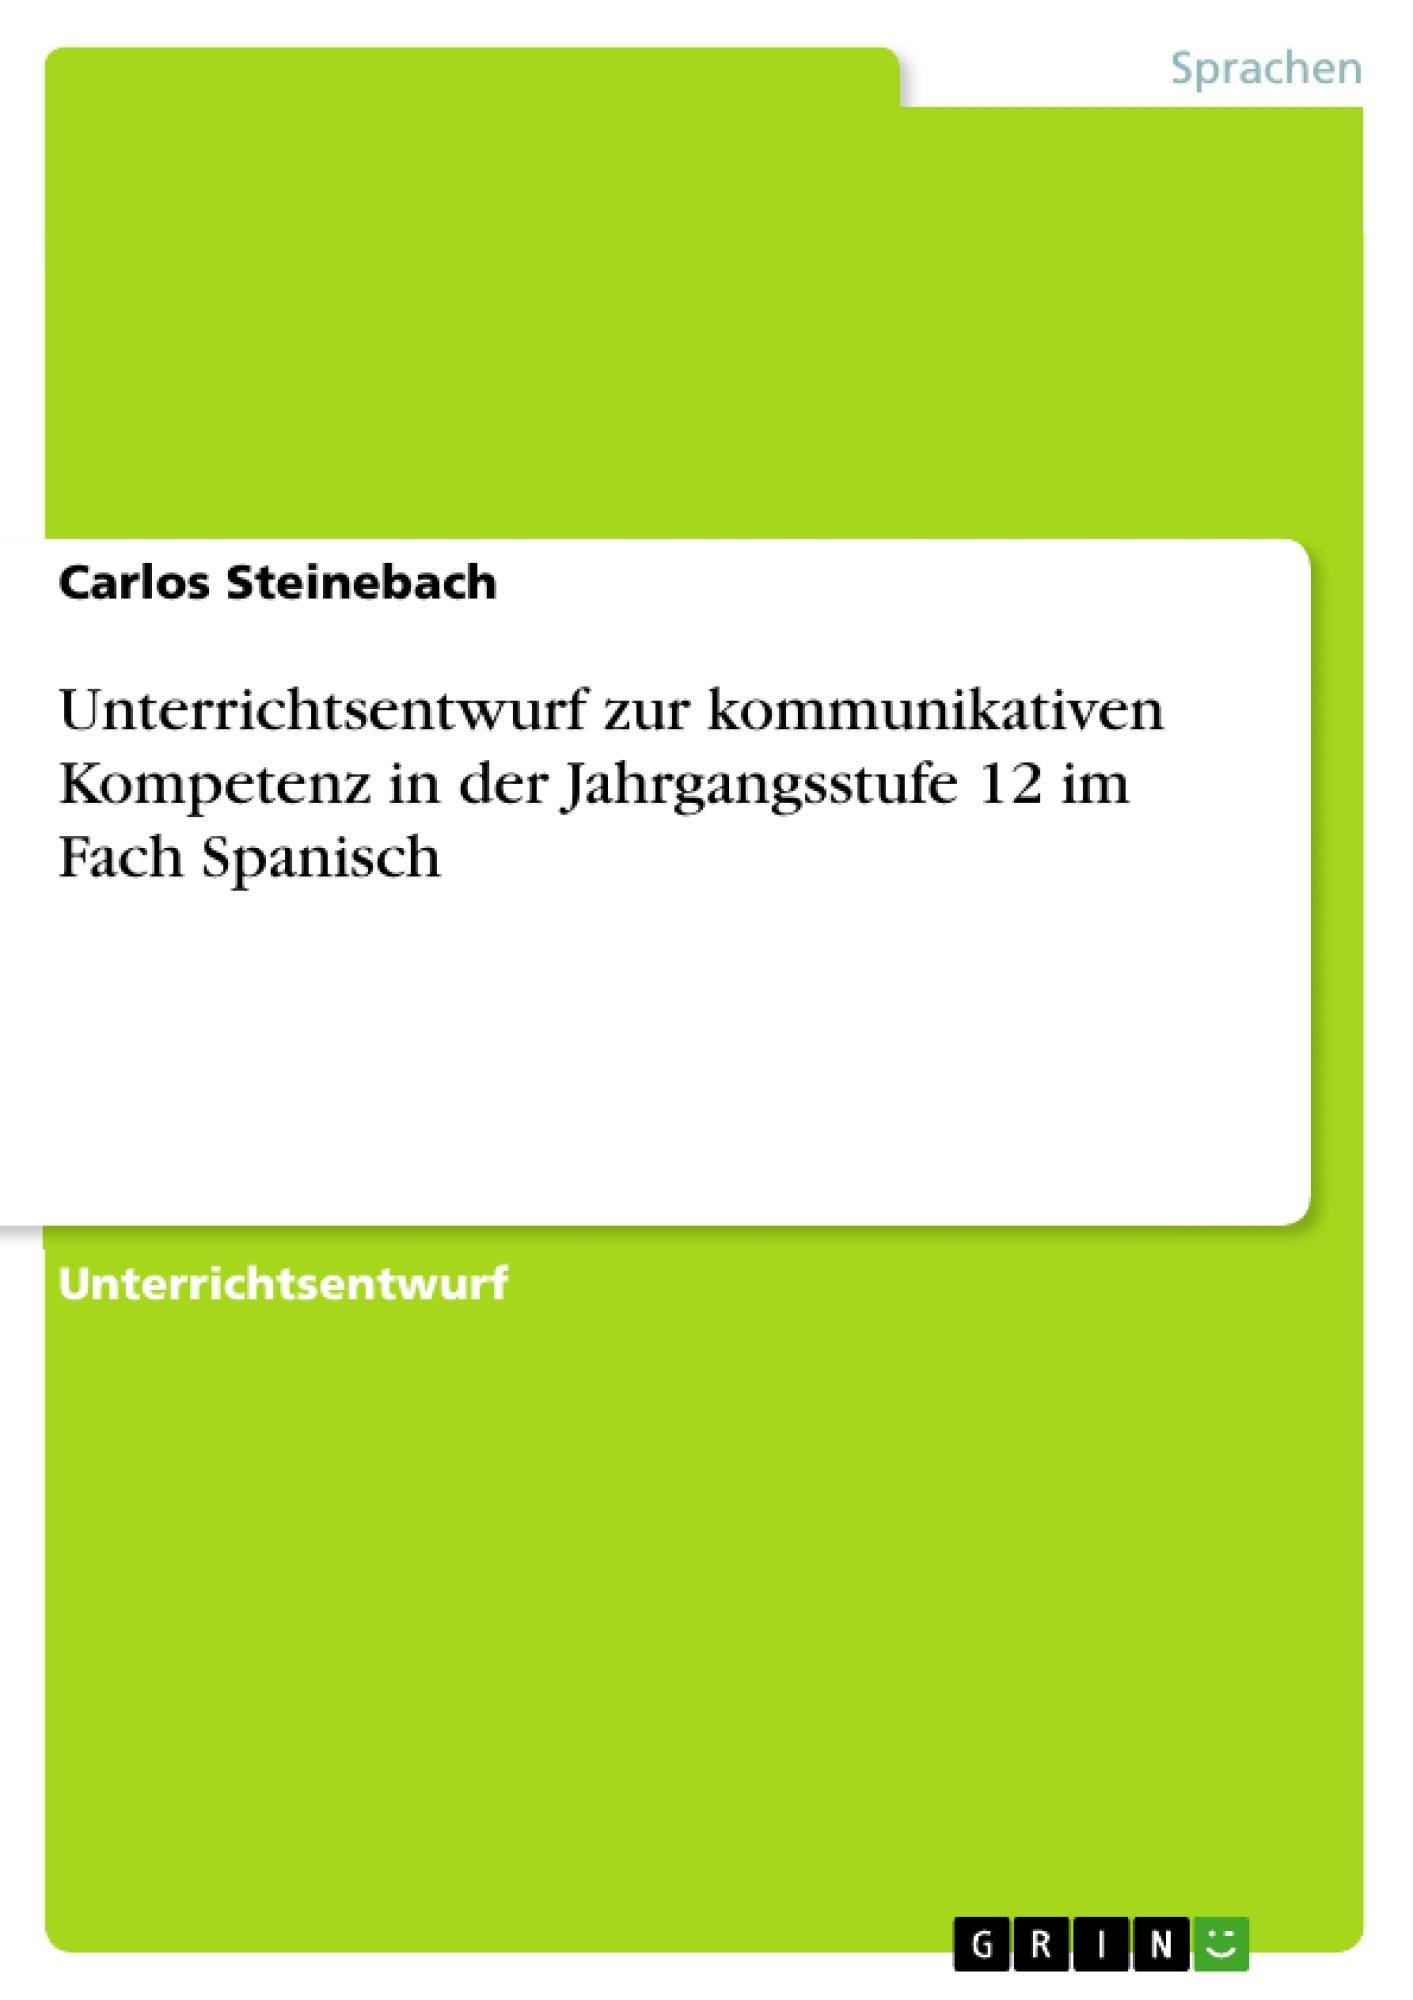 Titel: Unterrichtsentwurf zur kommunikativen Kompetenz in der Jahrgangsstufe 12 im Fach Spanisch